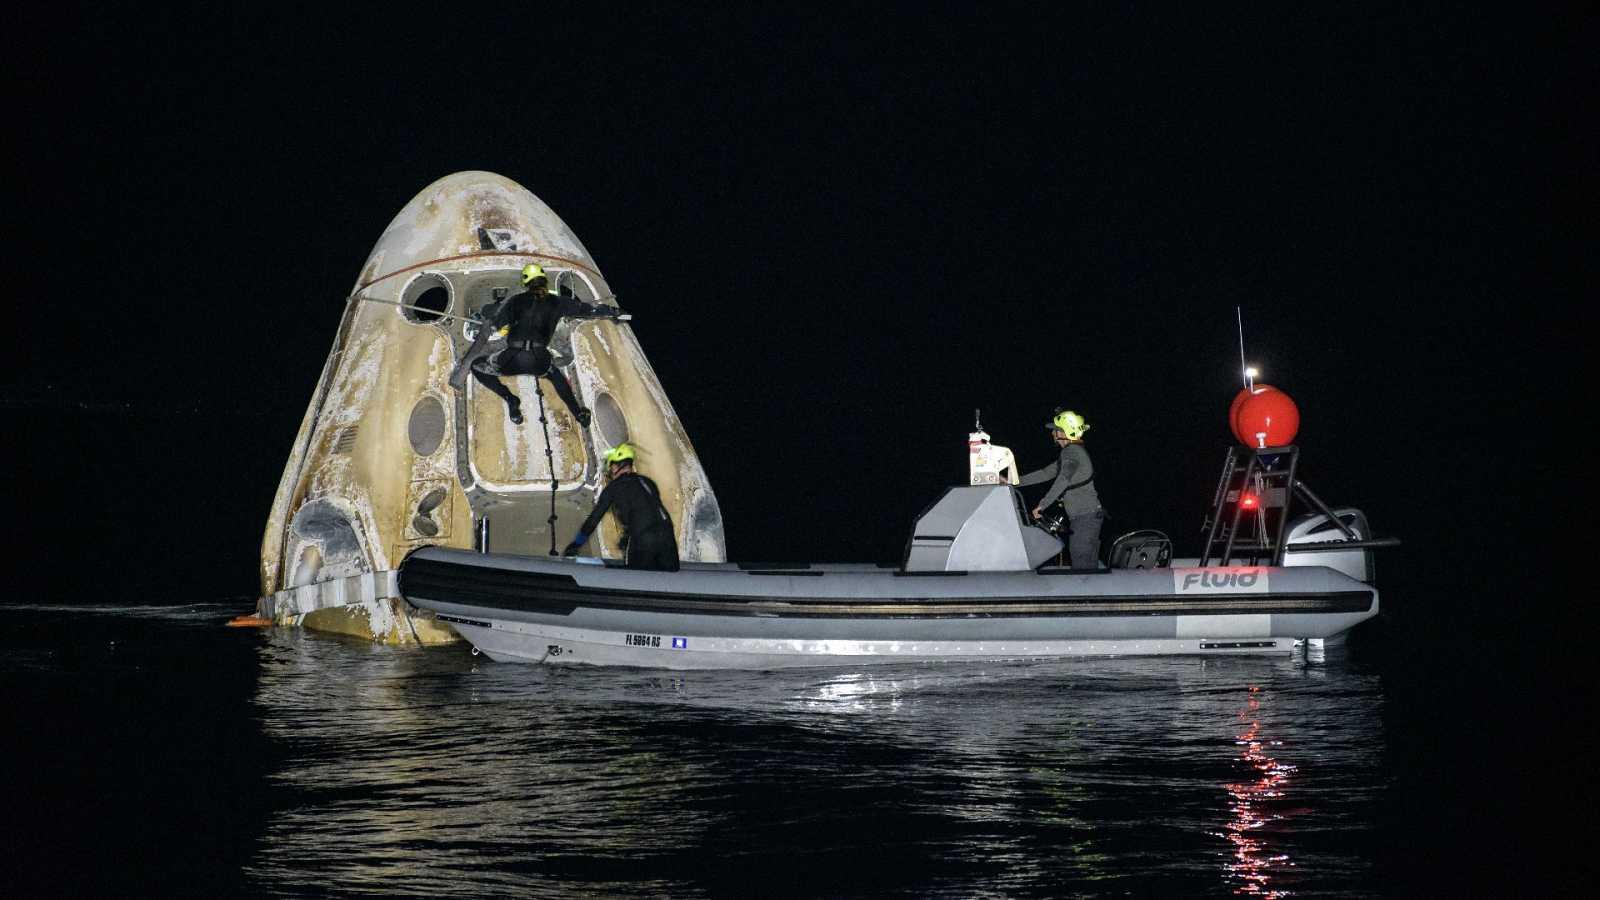 La cápsula Resilience de la misión espacial Crew-1 ameriza con éxito en aguas del Golfo de México